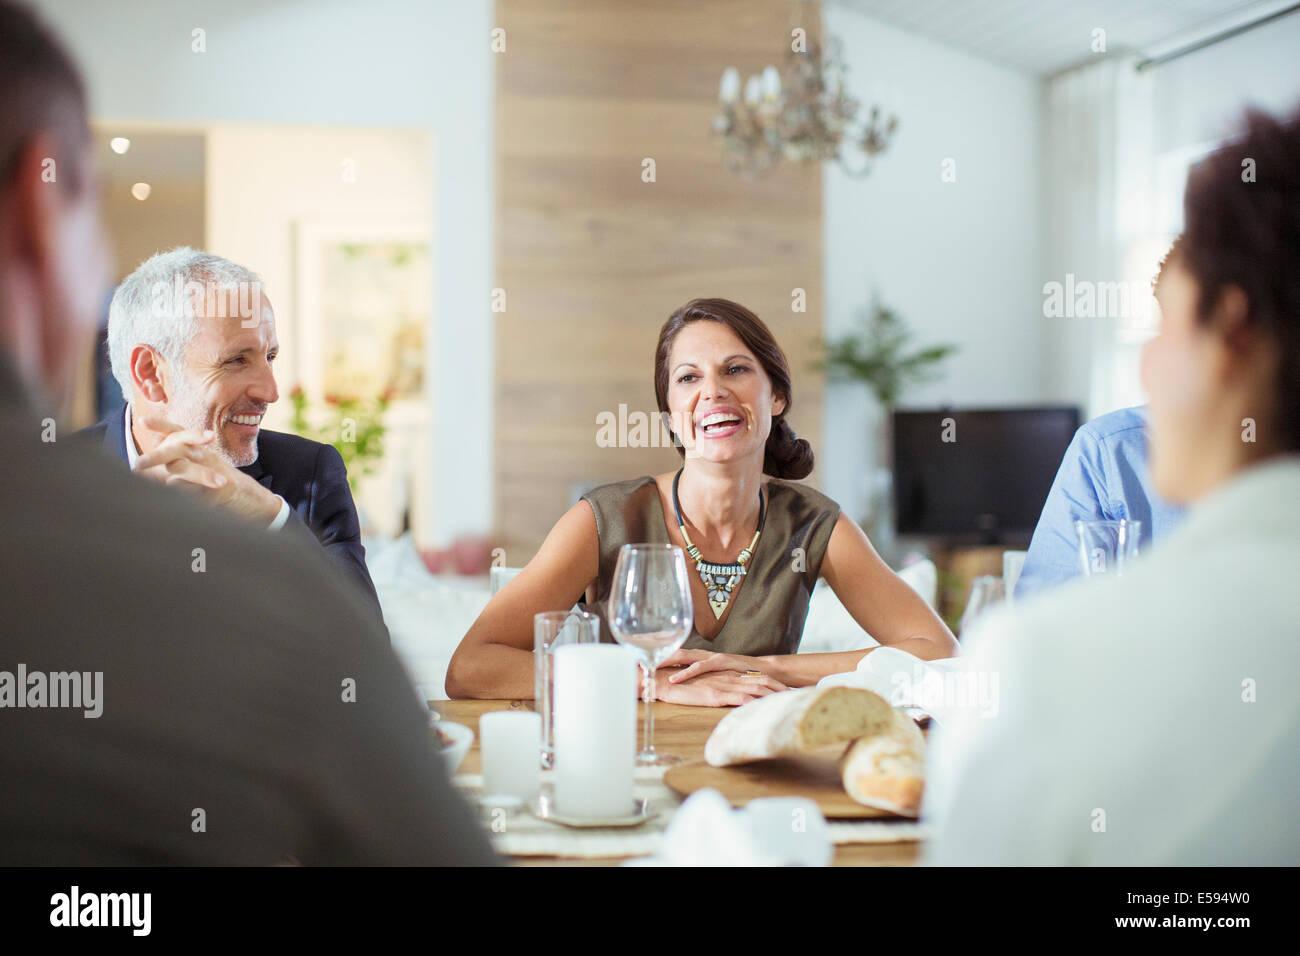 La gente hablando en la cena Foto de stock